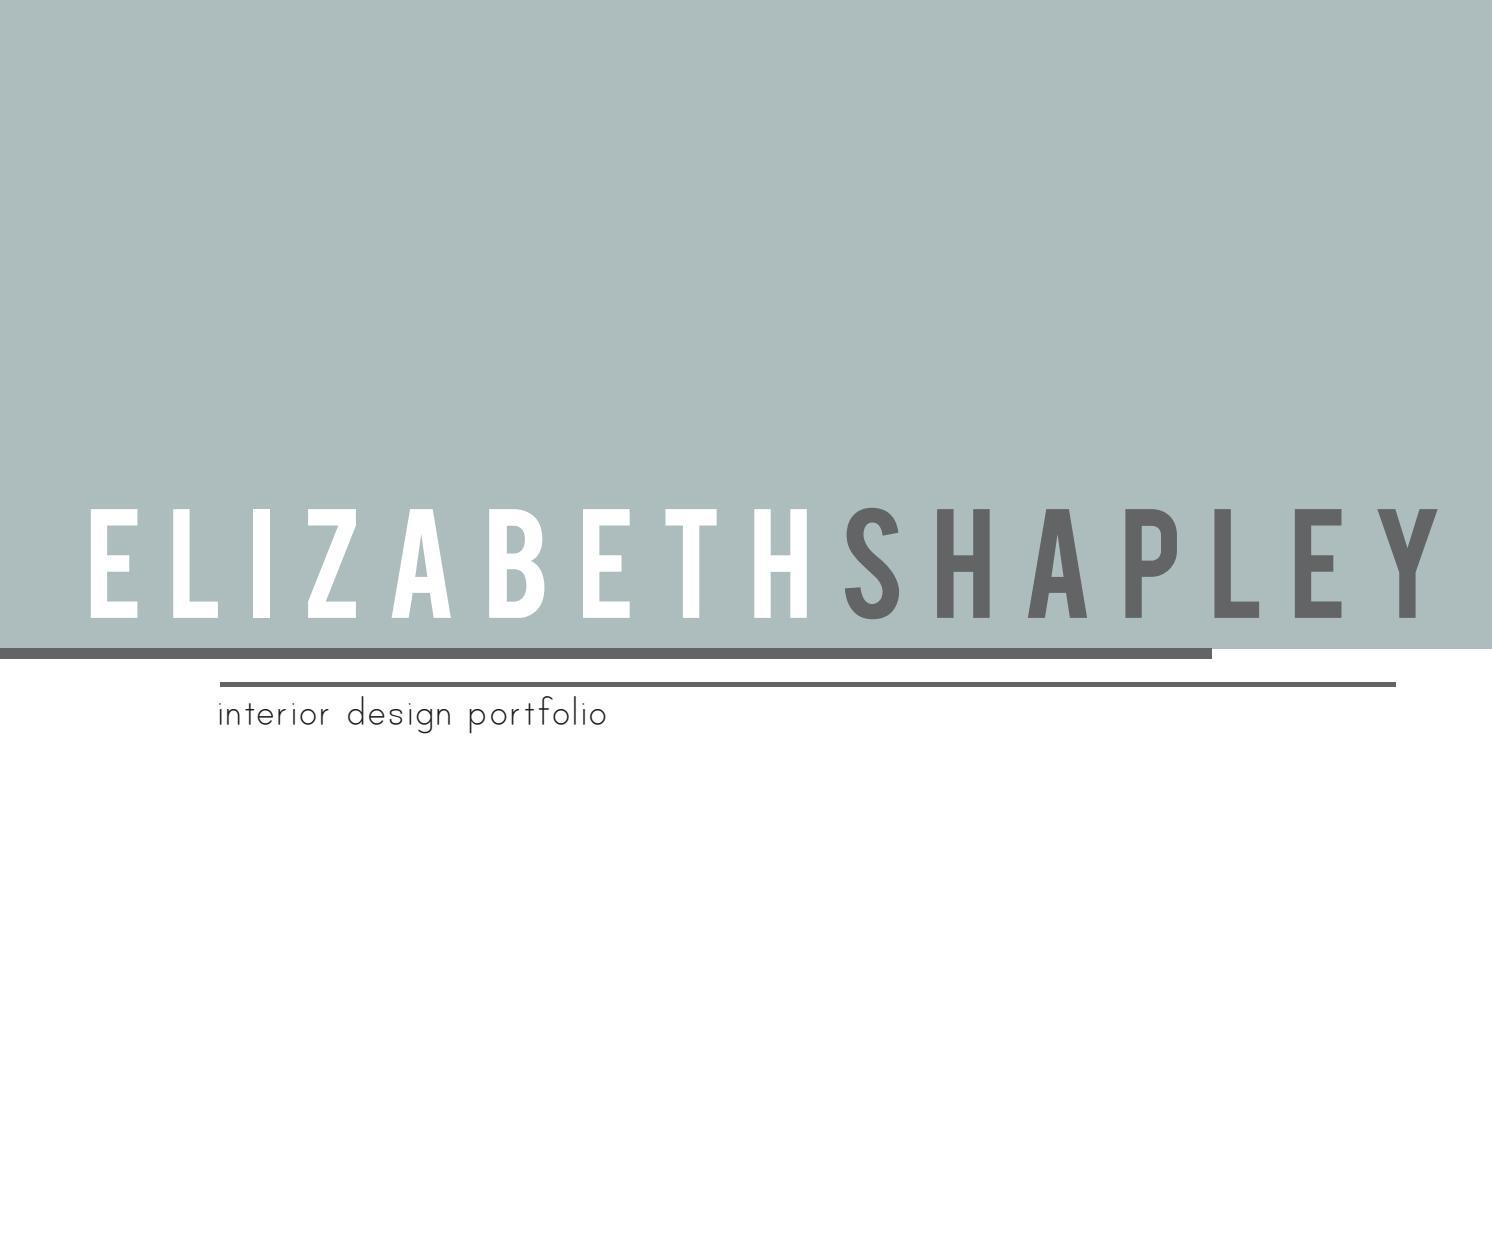 Elizabeth Shapley-Interior Design Portfolio by Elizabeth